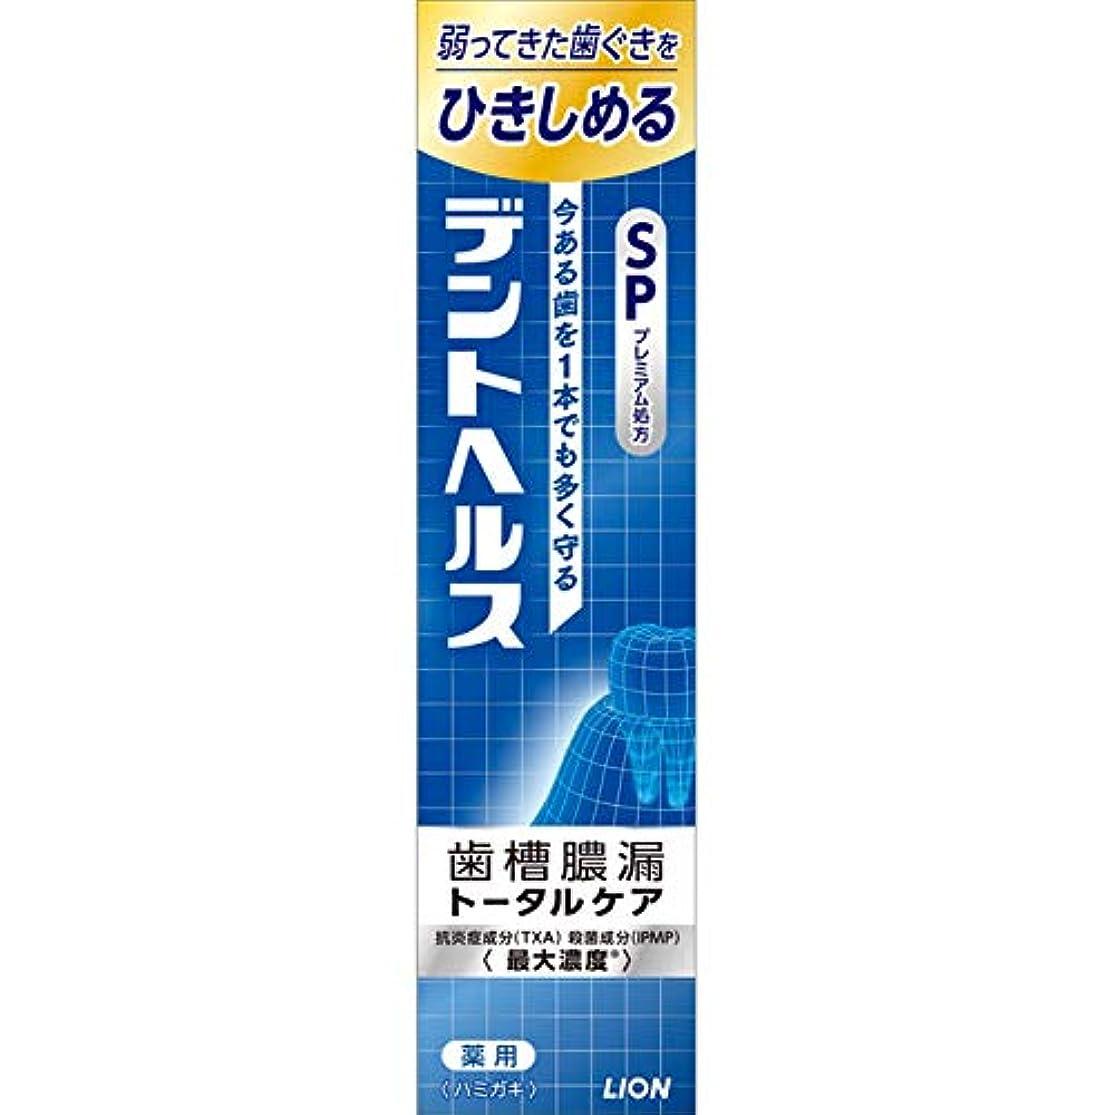 工場窒素付き添い人ライオン デントヘルス 薬用ハミガキ SP 120g (医薬部外品)